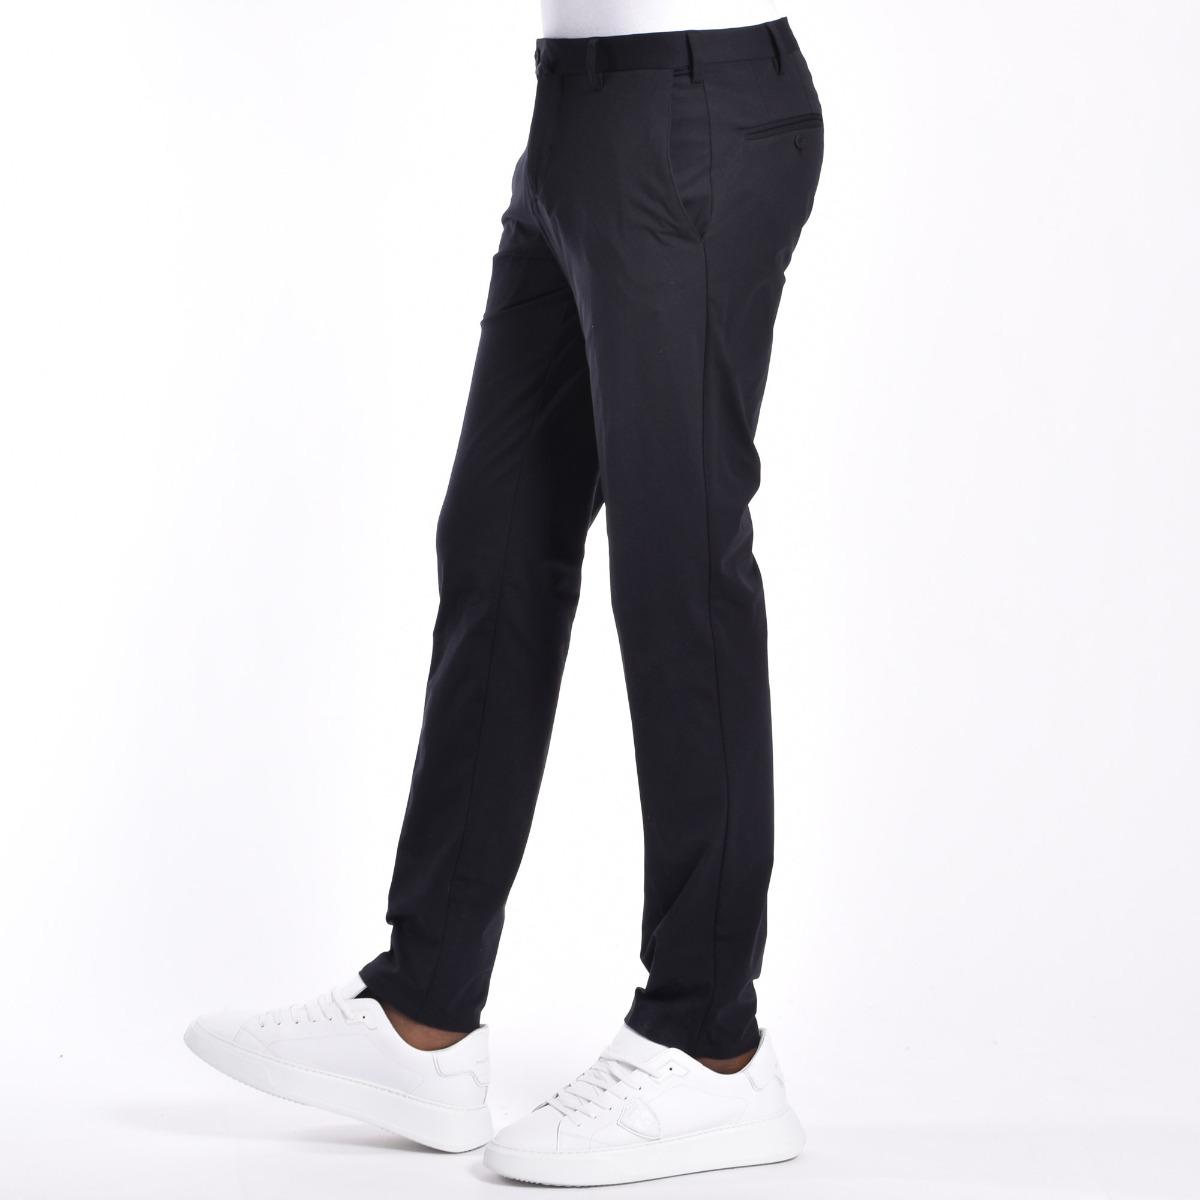 Pantalone strech - Nero